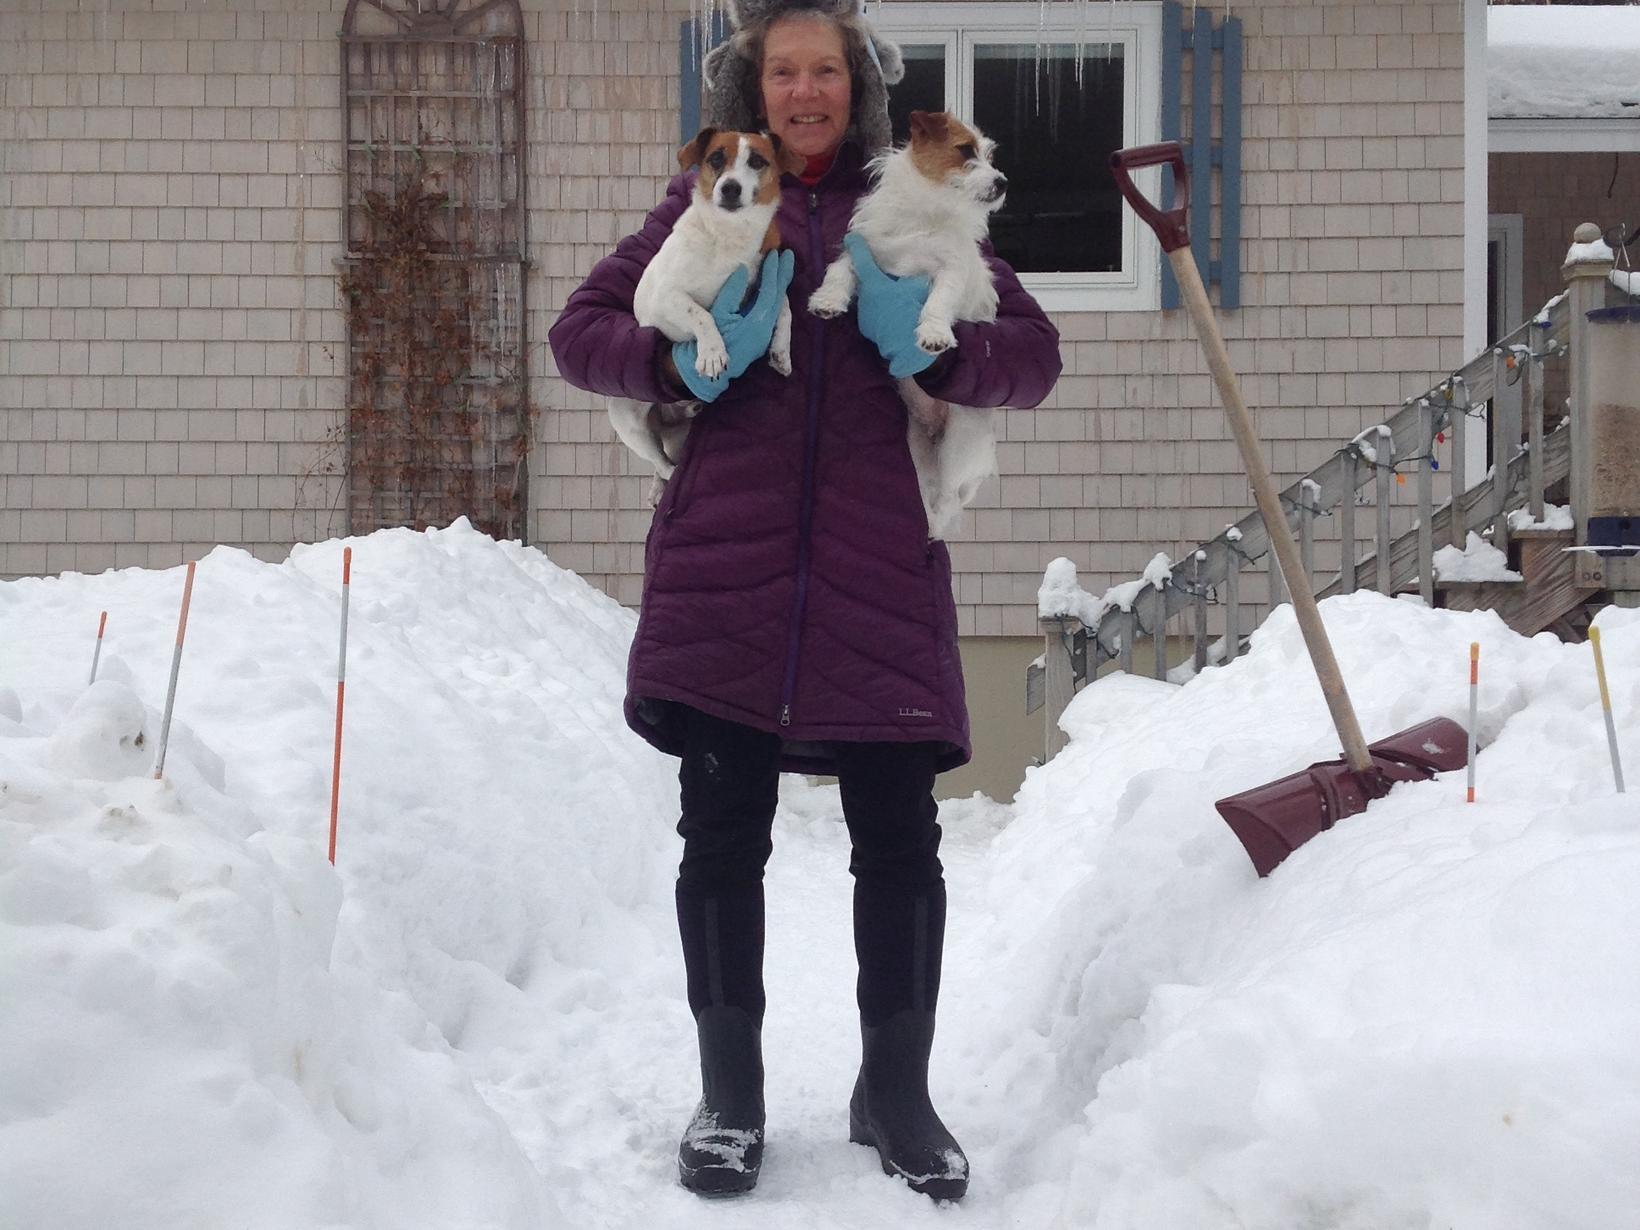 Barbara from Southwest Harbor, Maine, United States